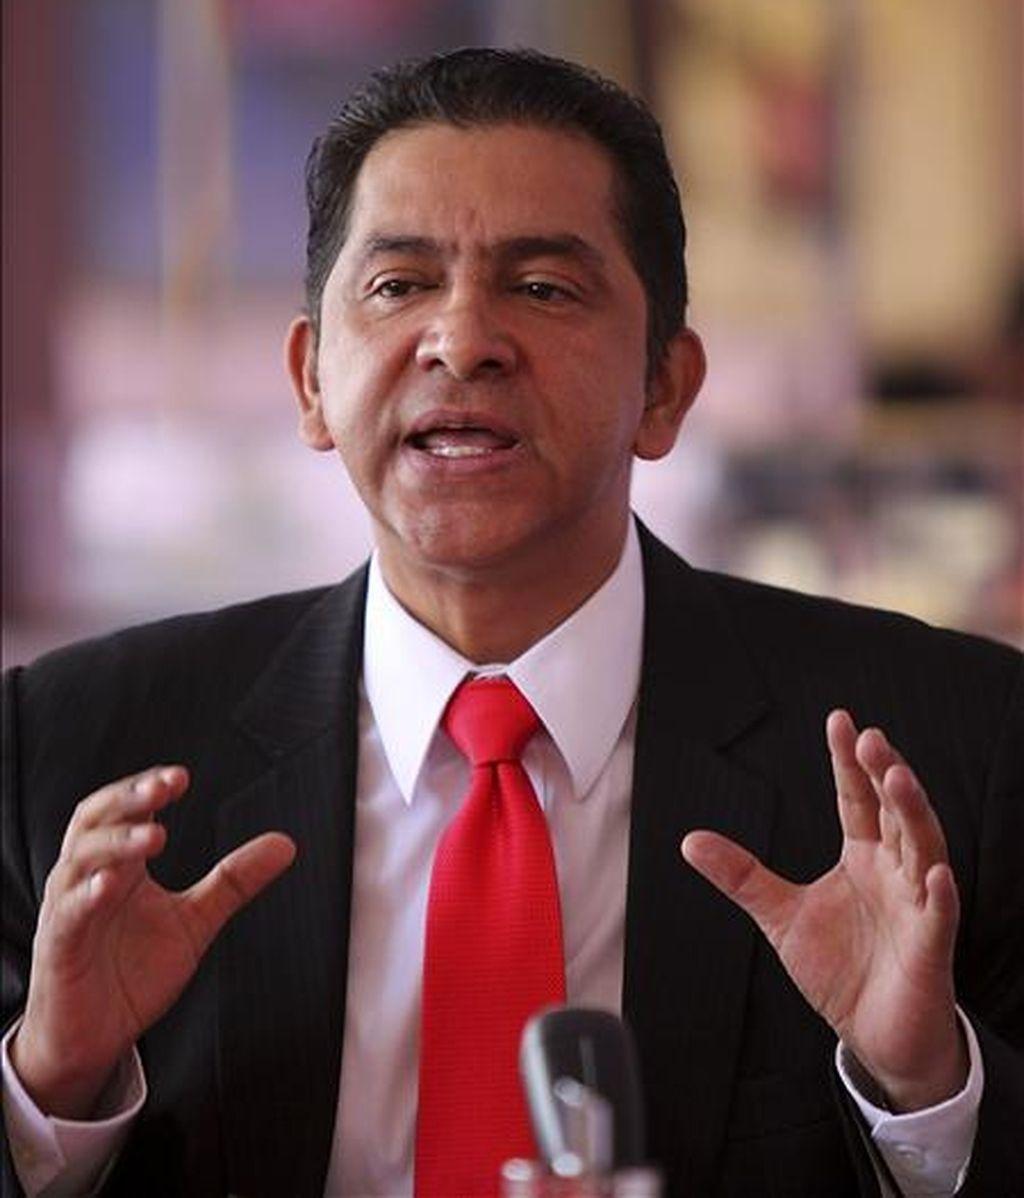 """""""Últimamente no hemos tenido indicios de que se mantenga esa actitud, pero en épocas pasadas el Gobierno (de Correa) sí fue muy permisivo con las FARC"""", afirmó Gutiérrez en una entrevista con la cadena colombiana Caracol Radio. EFE/Archivo"""